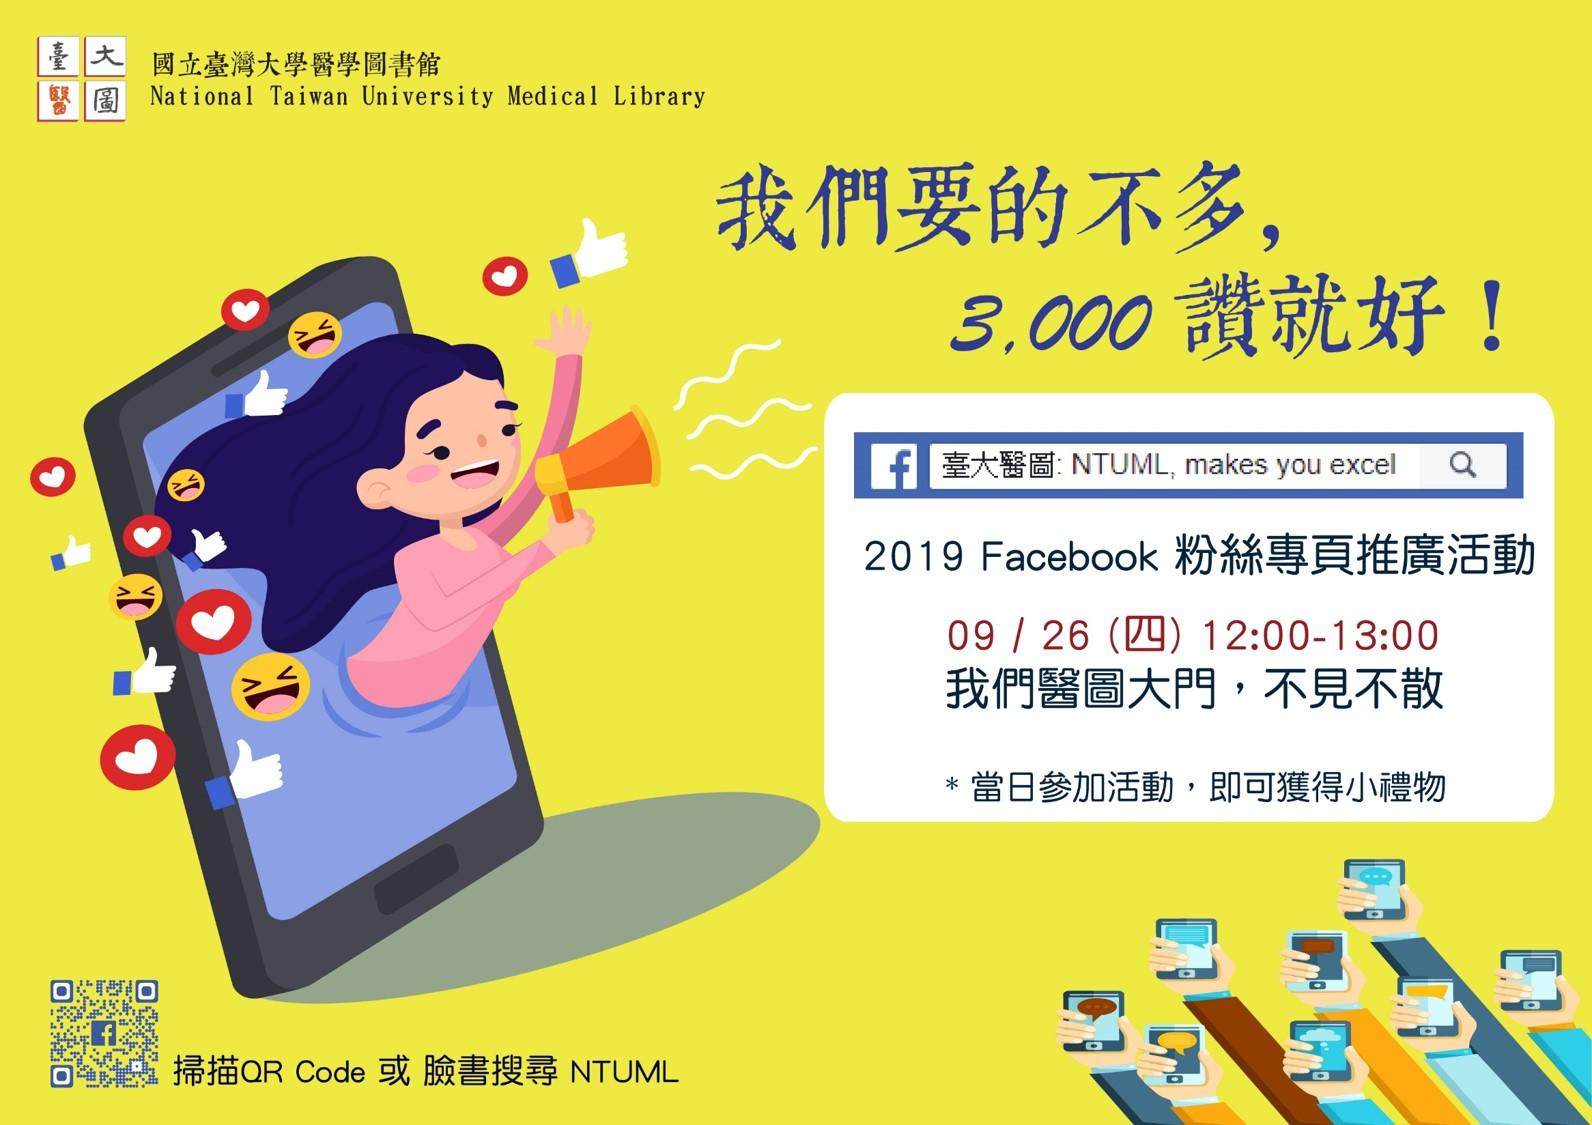 給我3,000讚-FB推廣活動